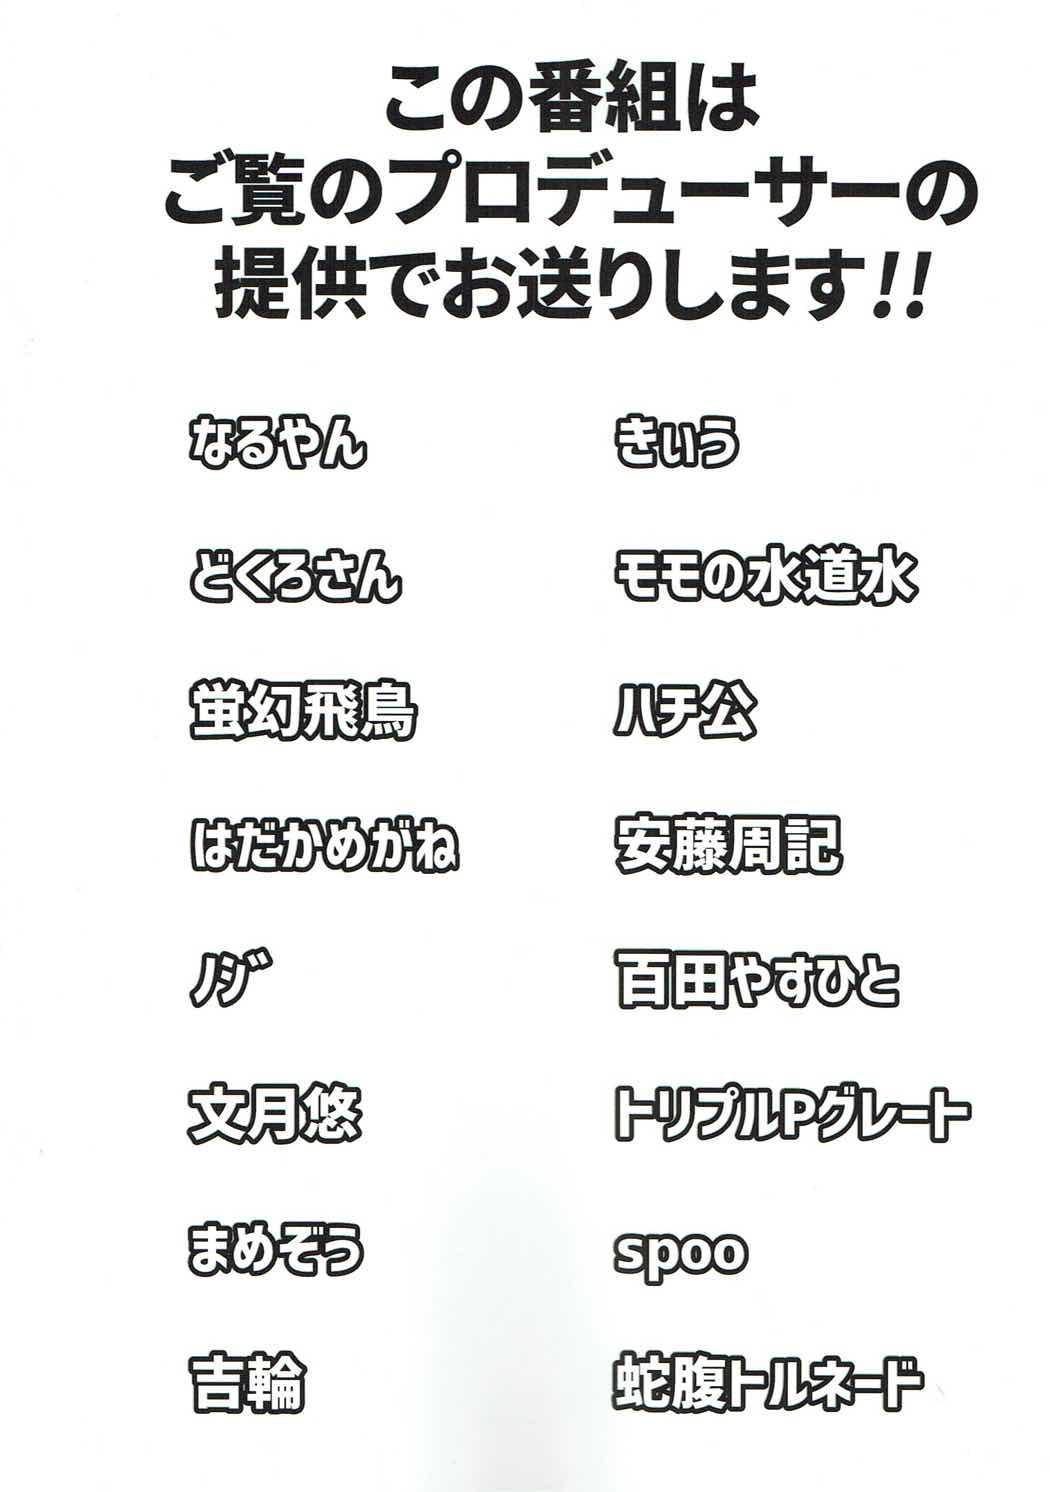 765 Pro Dosukebe Namahousou 24-jikan Televi Goudou 79